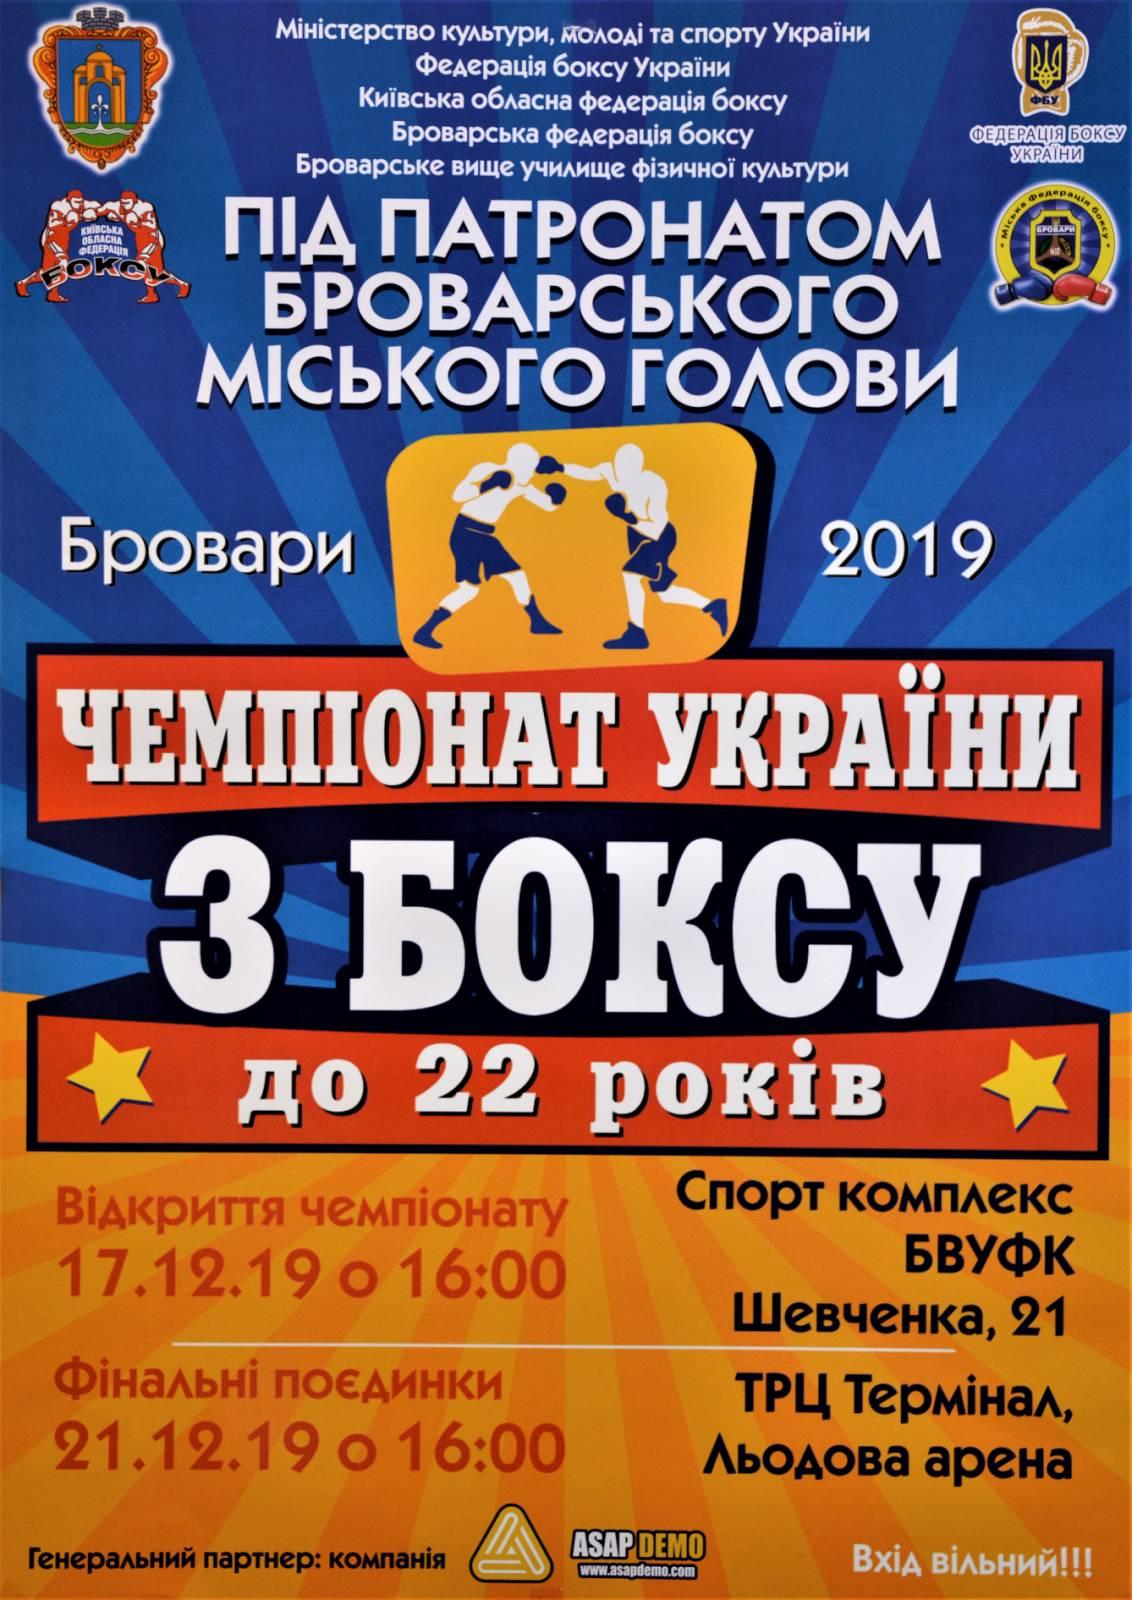 Чемпіонат України з боксу до 22 років. Афіша